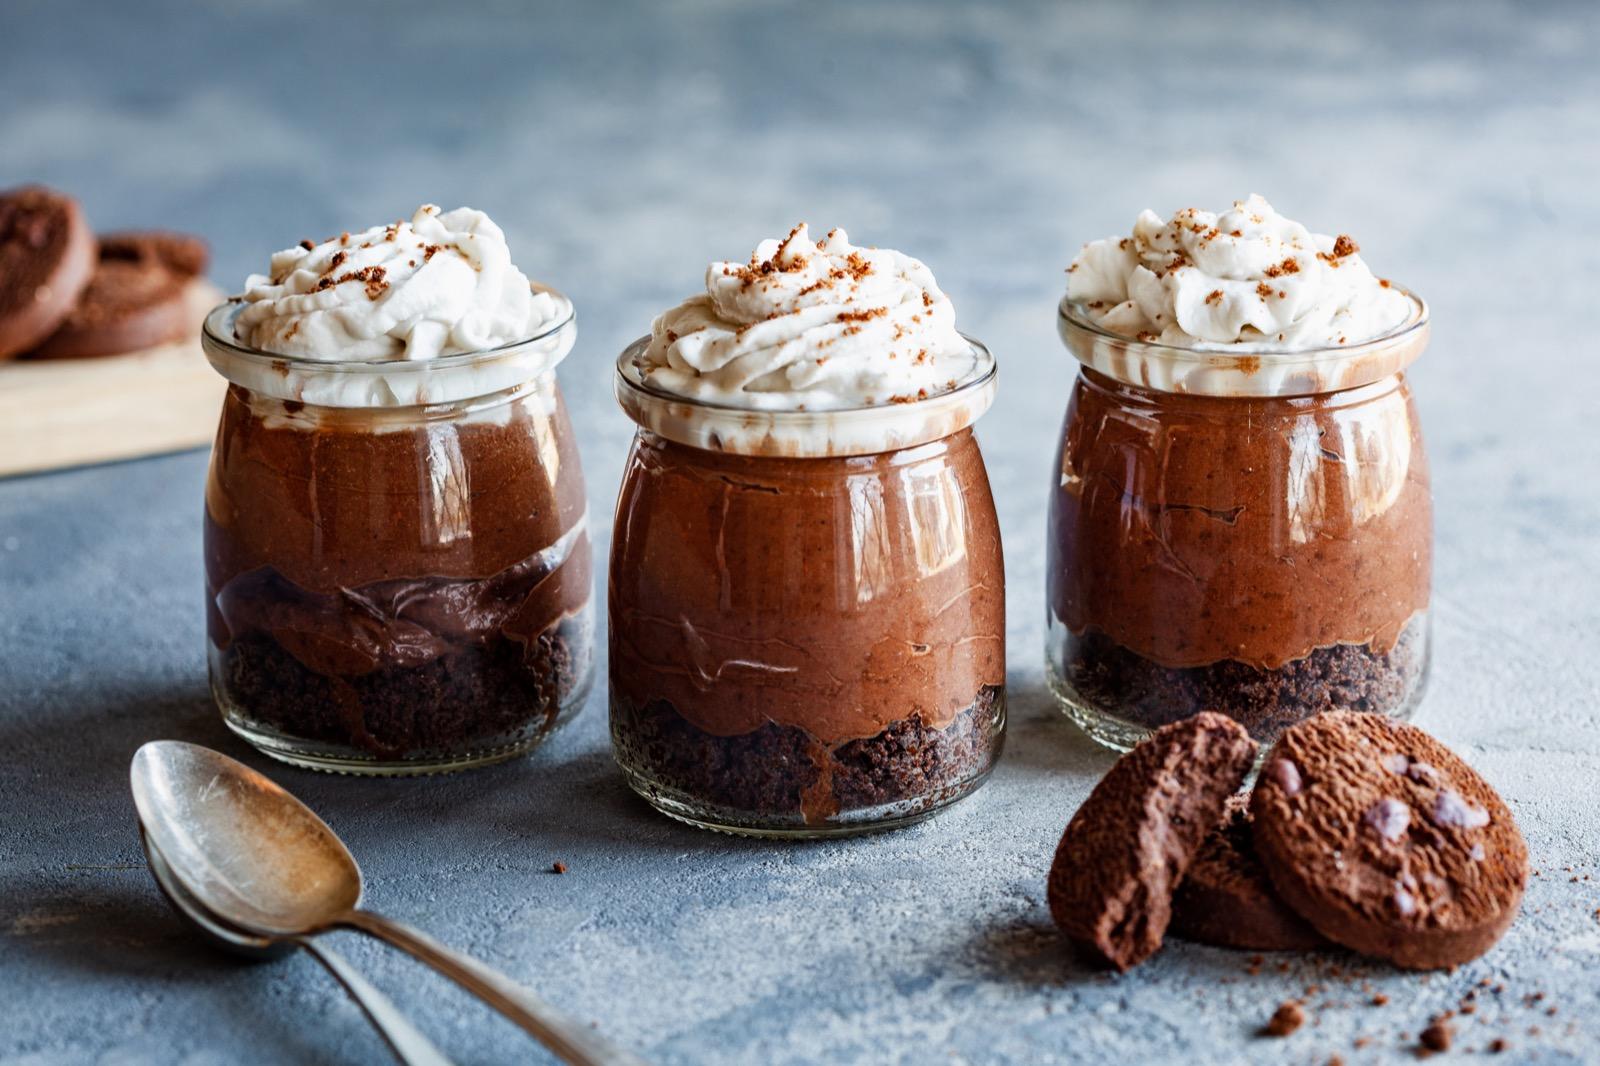 Double Chocolate Vegan Mousse Parfait